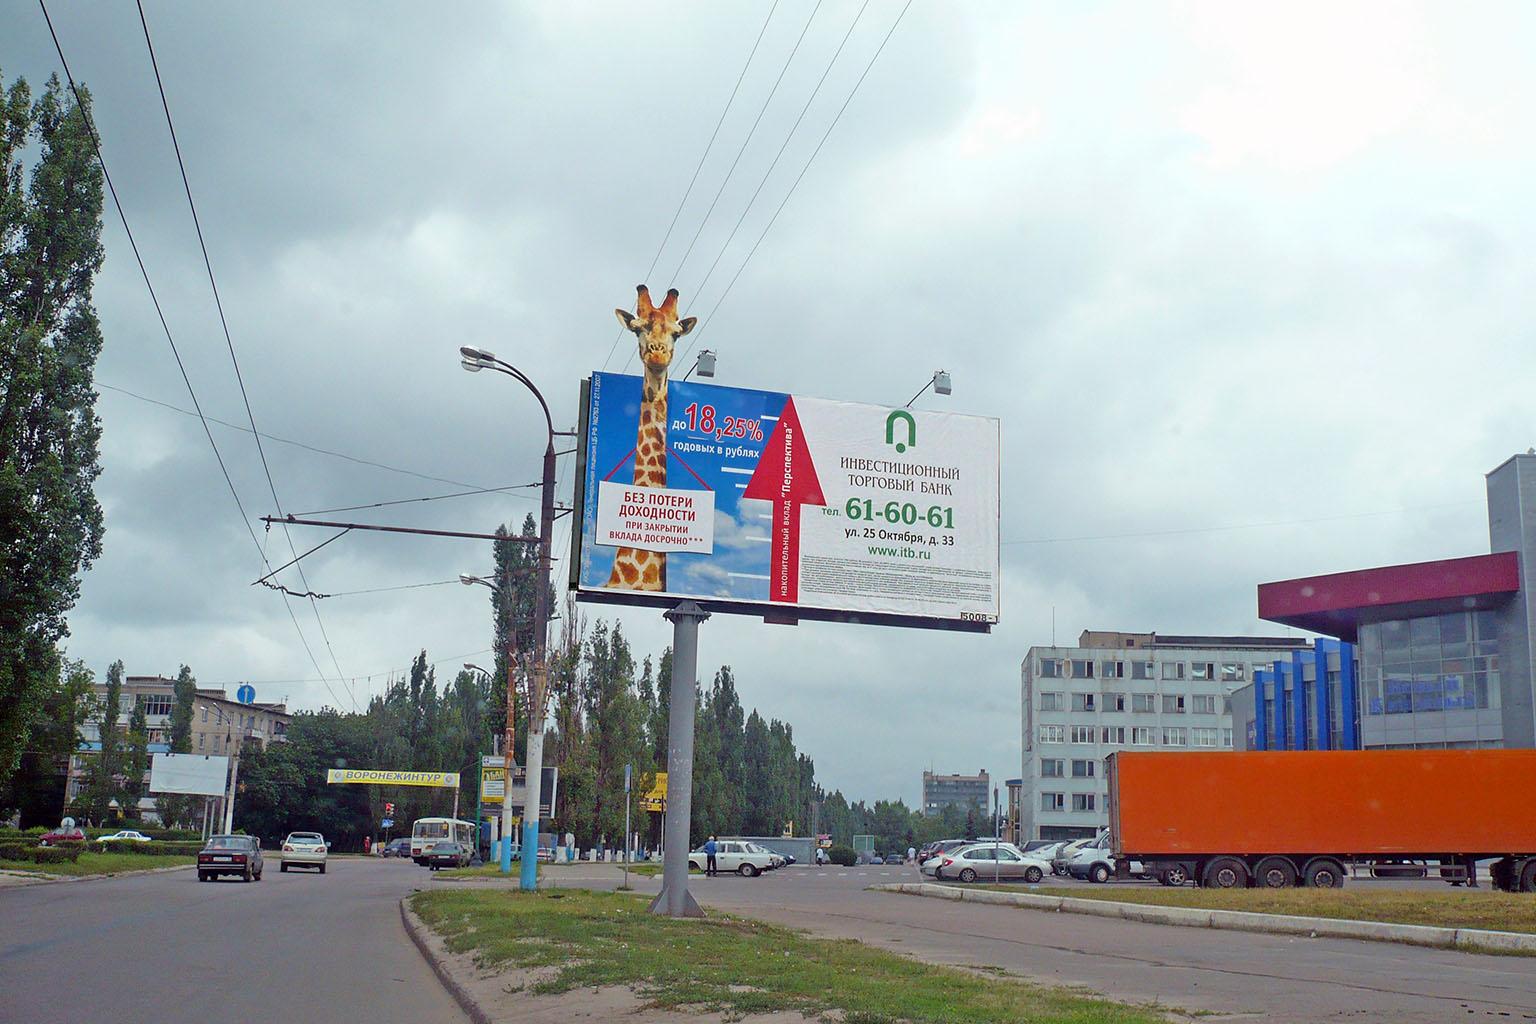 «Без потери доходности» с «ИнвестТорг Банком» - билборд Ленинский пр-т - ул. Остужева